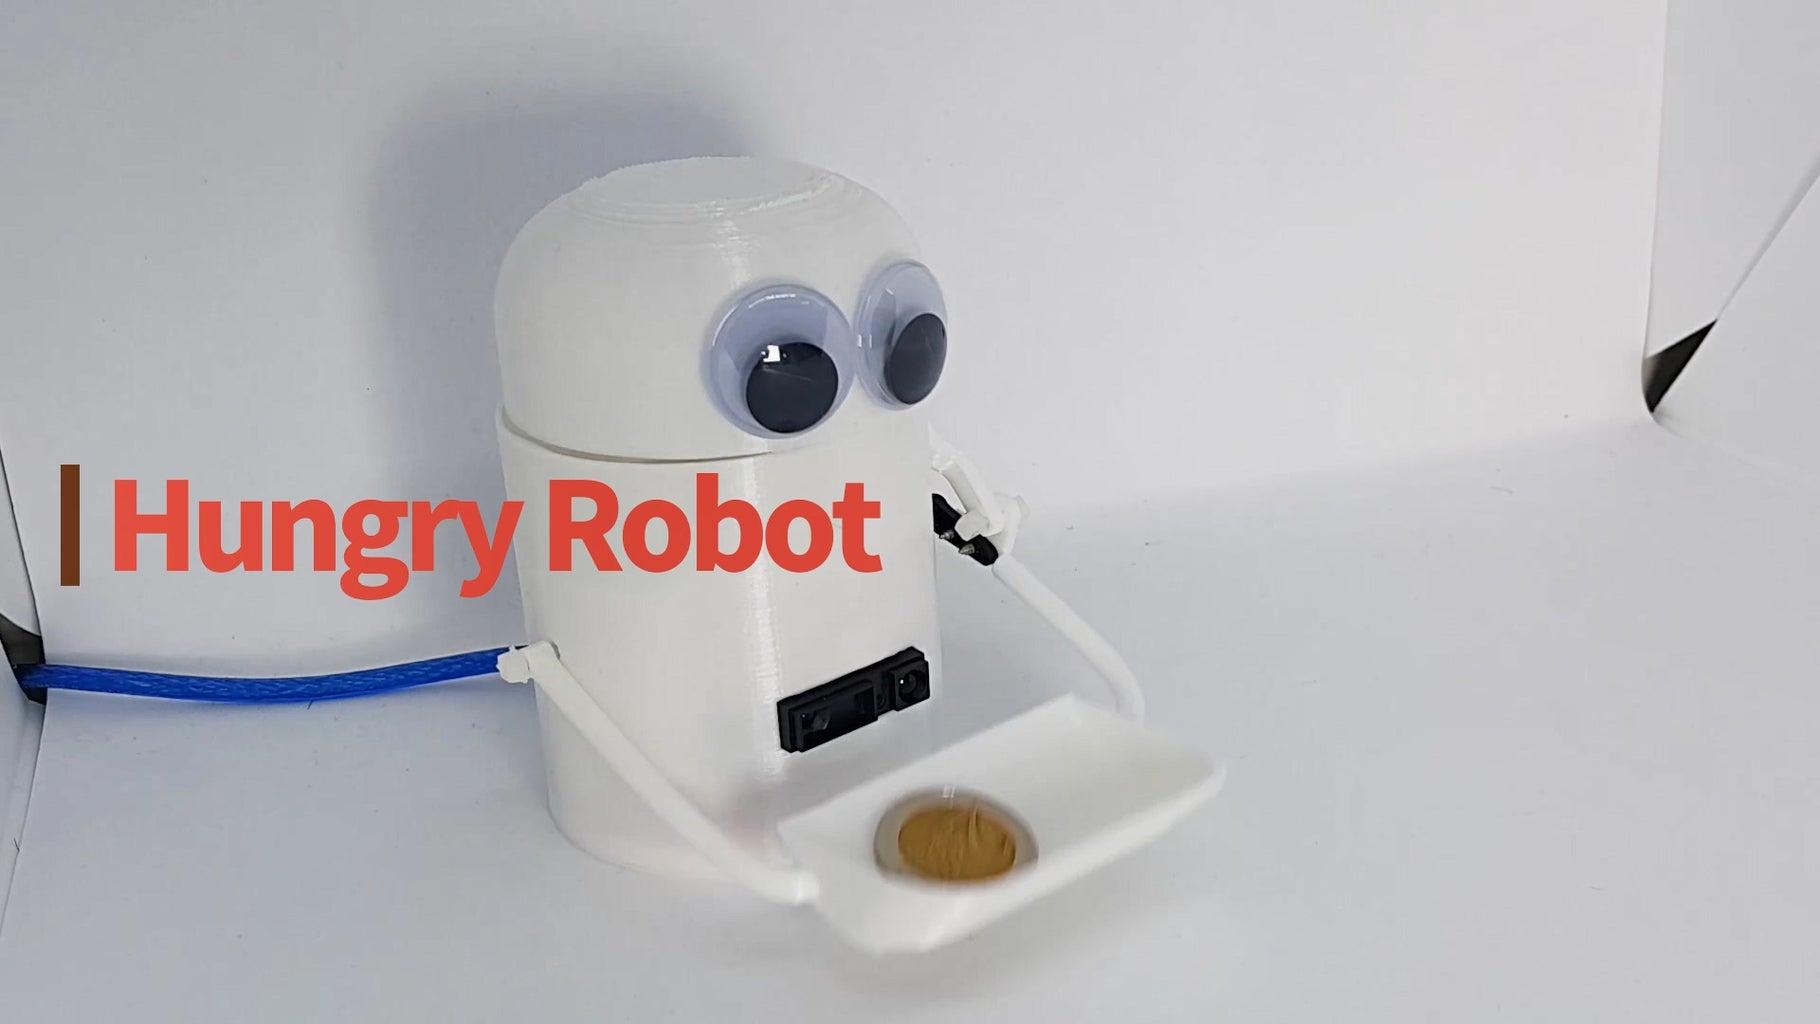 Hungry Robot?